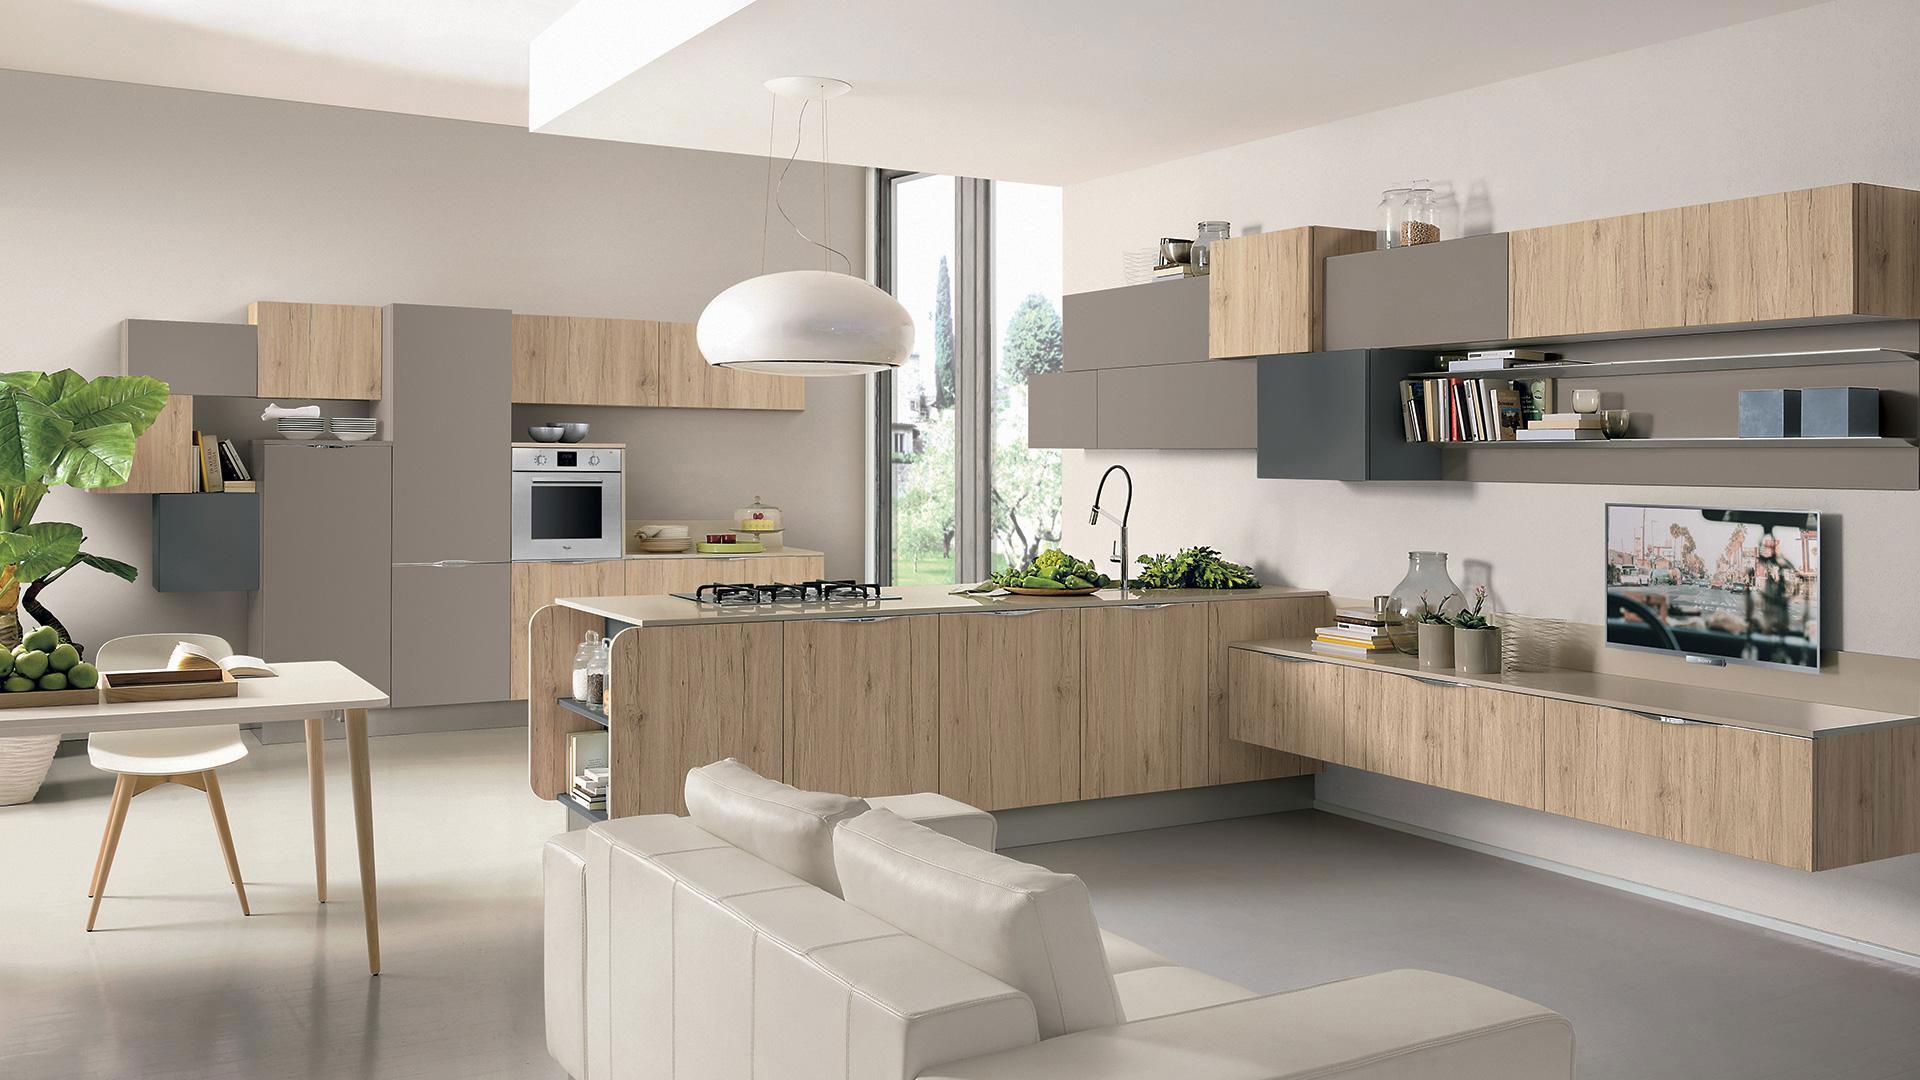 Bruzzi arredamenti - Mobili soggiorno moderno ...